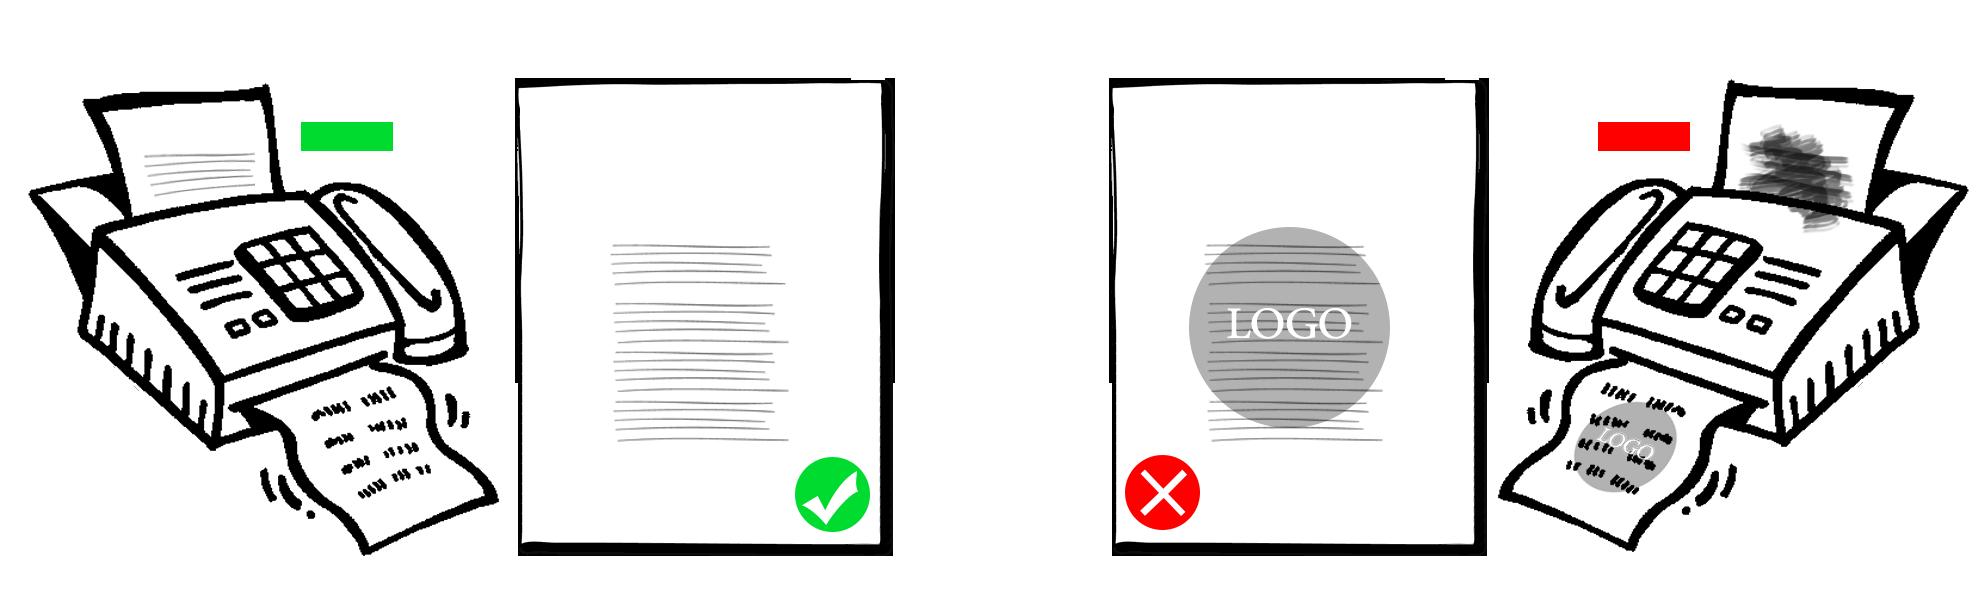 طراحی گرافیکی سربرگ استاندارد